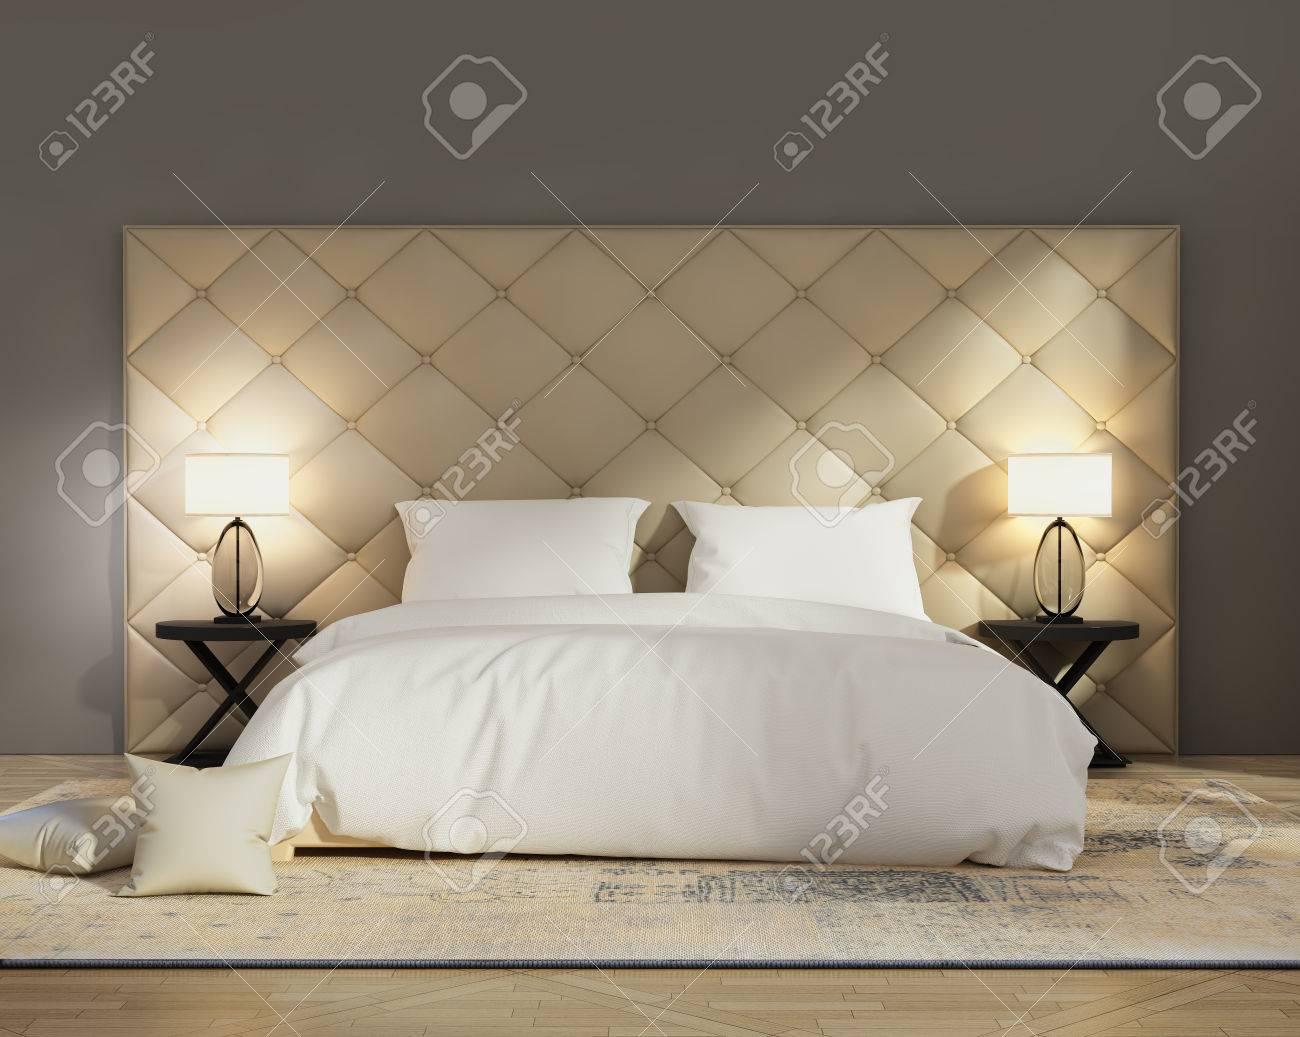 Zeitgenössisches, Elegantes Kapiton-Luxus-Schlafzimmer Lizenzfreie ...